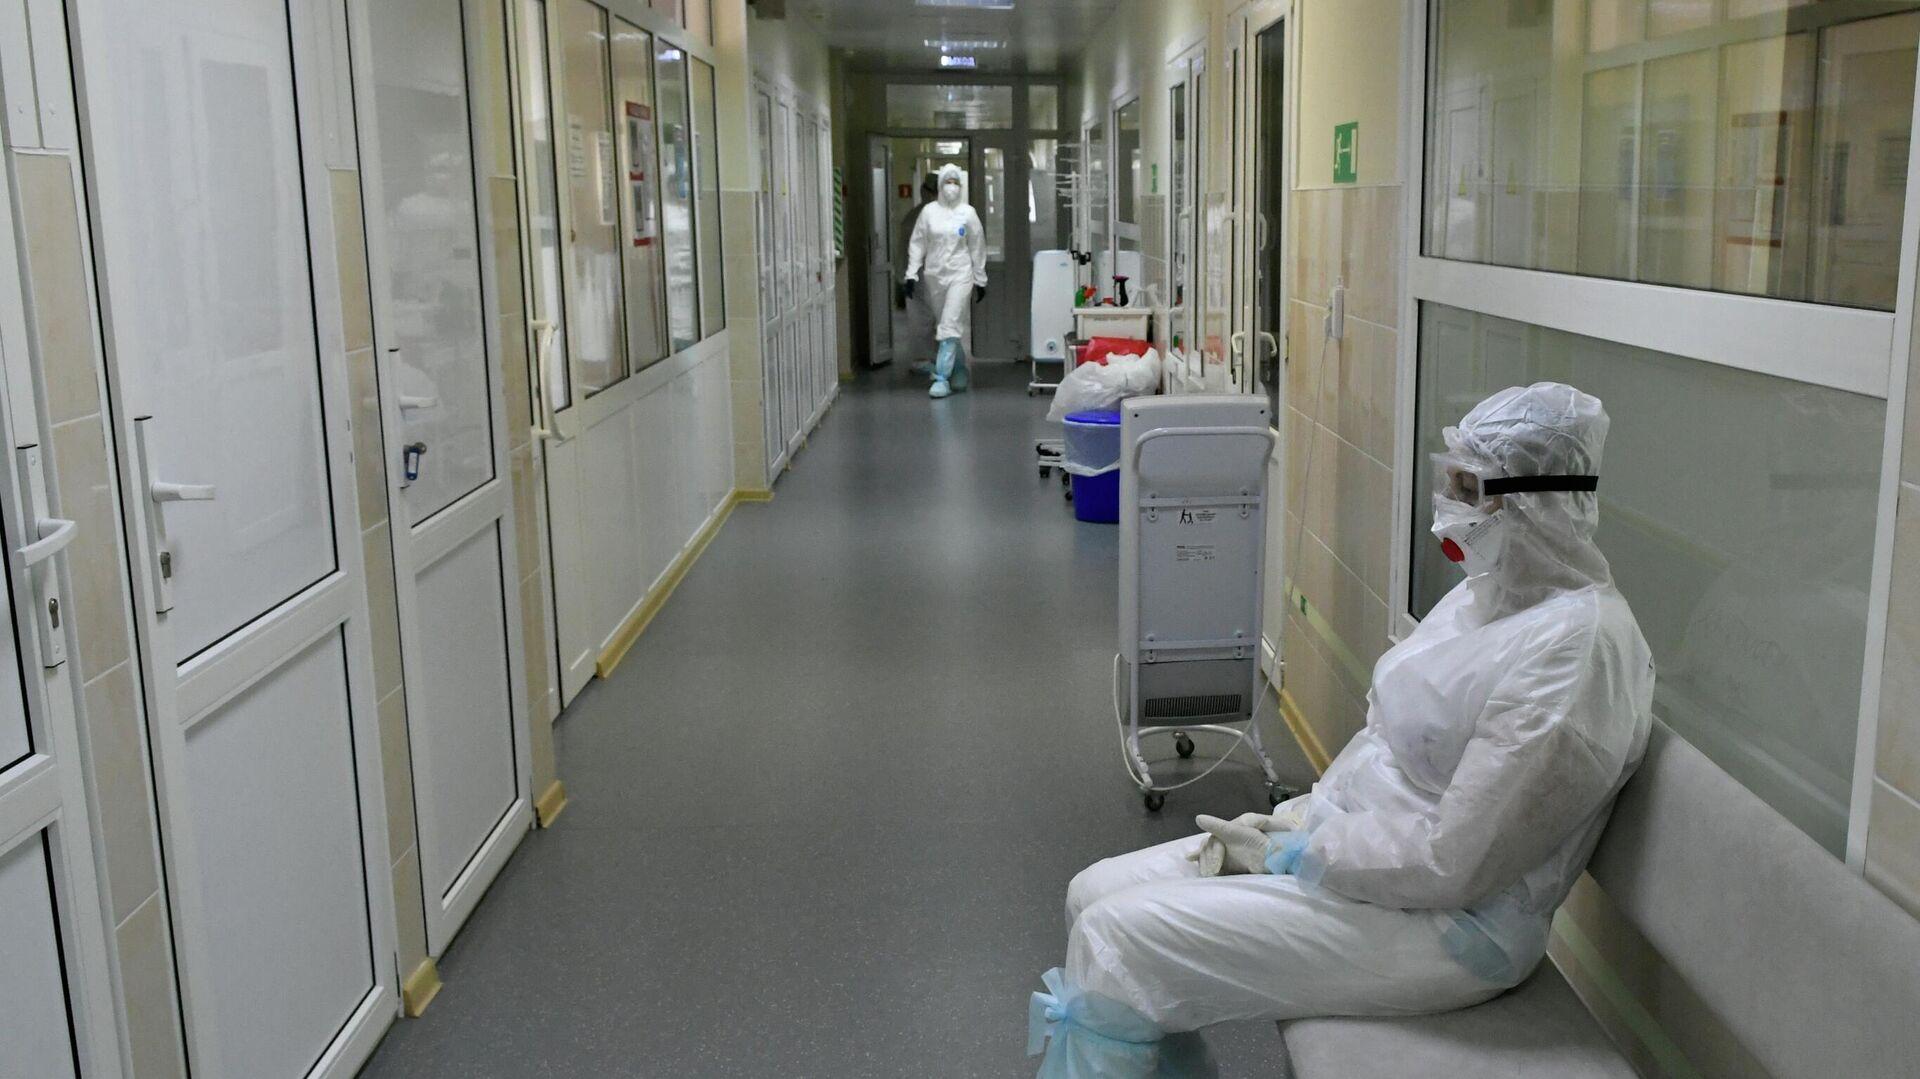 Госпиталь для лечения больных Covid-19 в Краснодаре - РИА Новости, 1920, 14.09.2021